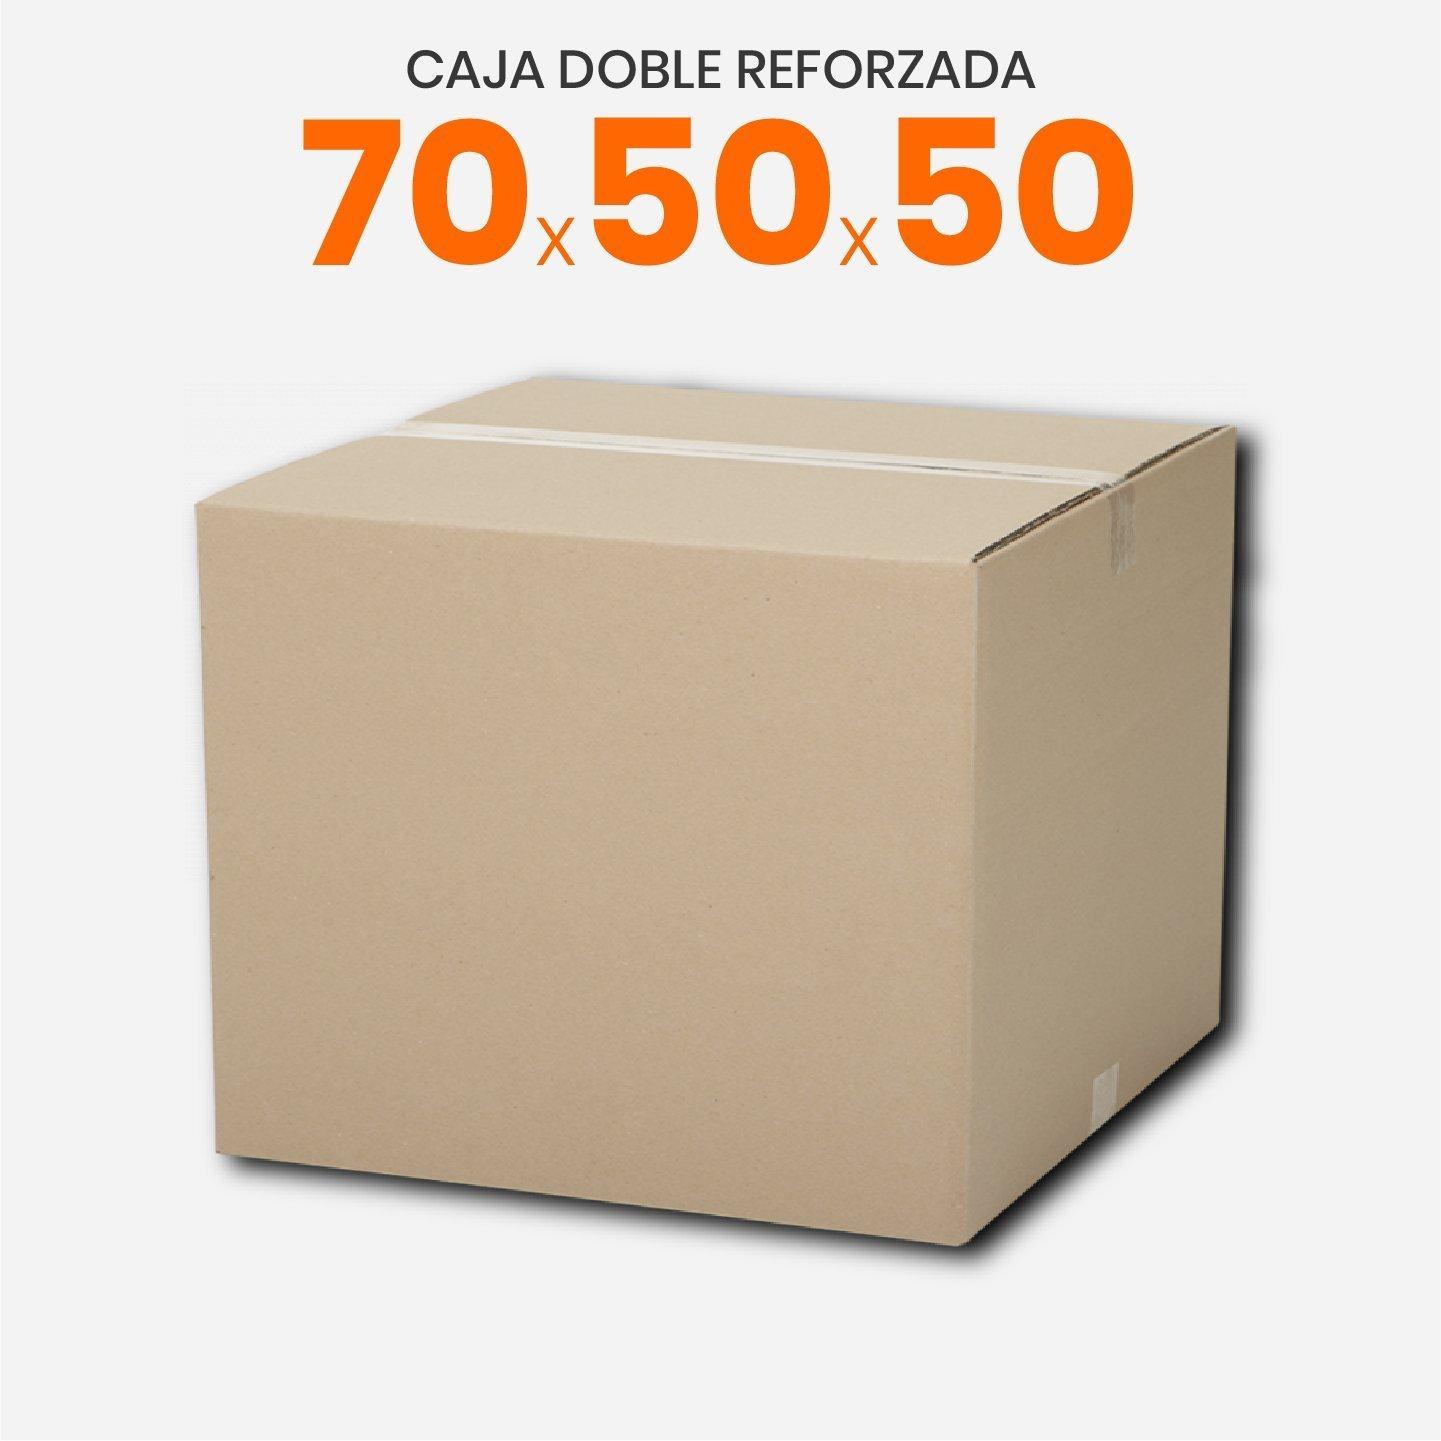 Caja De Cartón Corrugado Doble Reforzada 70x50x50